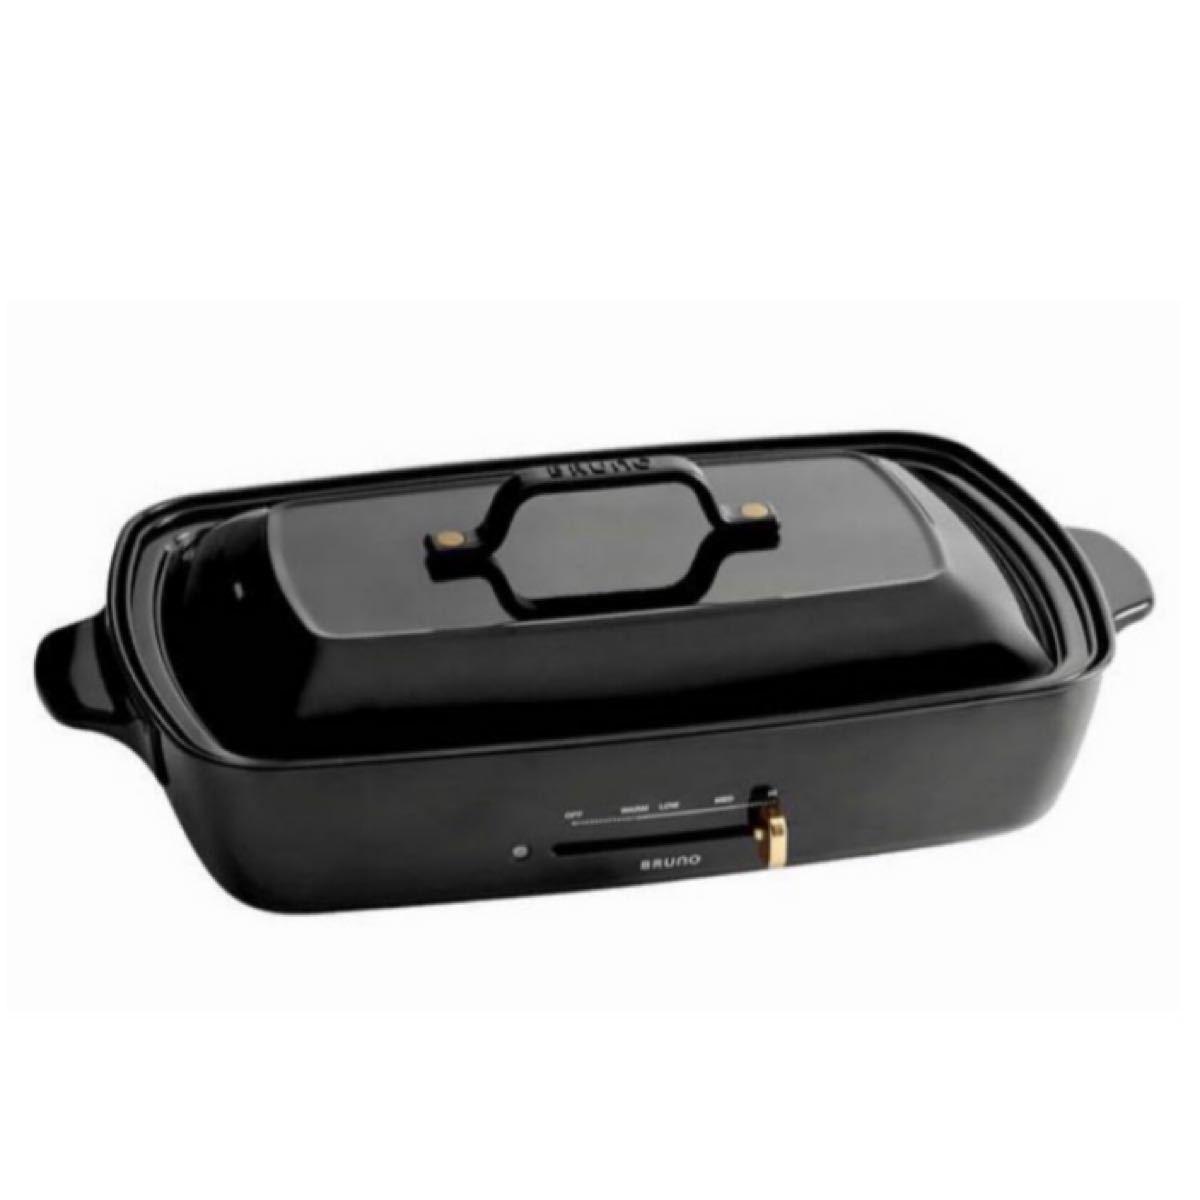 ブルーノ  ホットプレート グランデサイズ 限定色 黒 新品 未開封 未使用